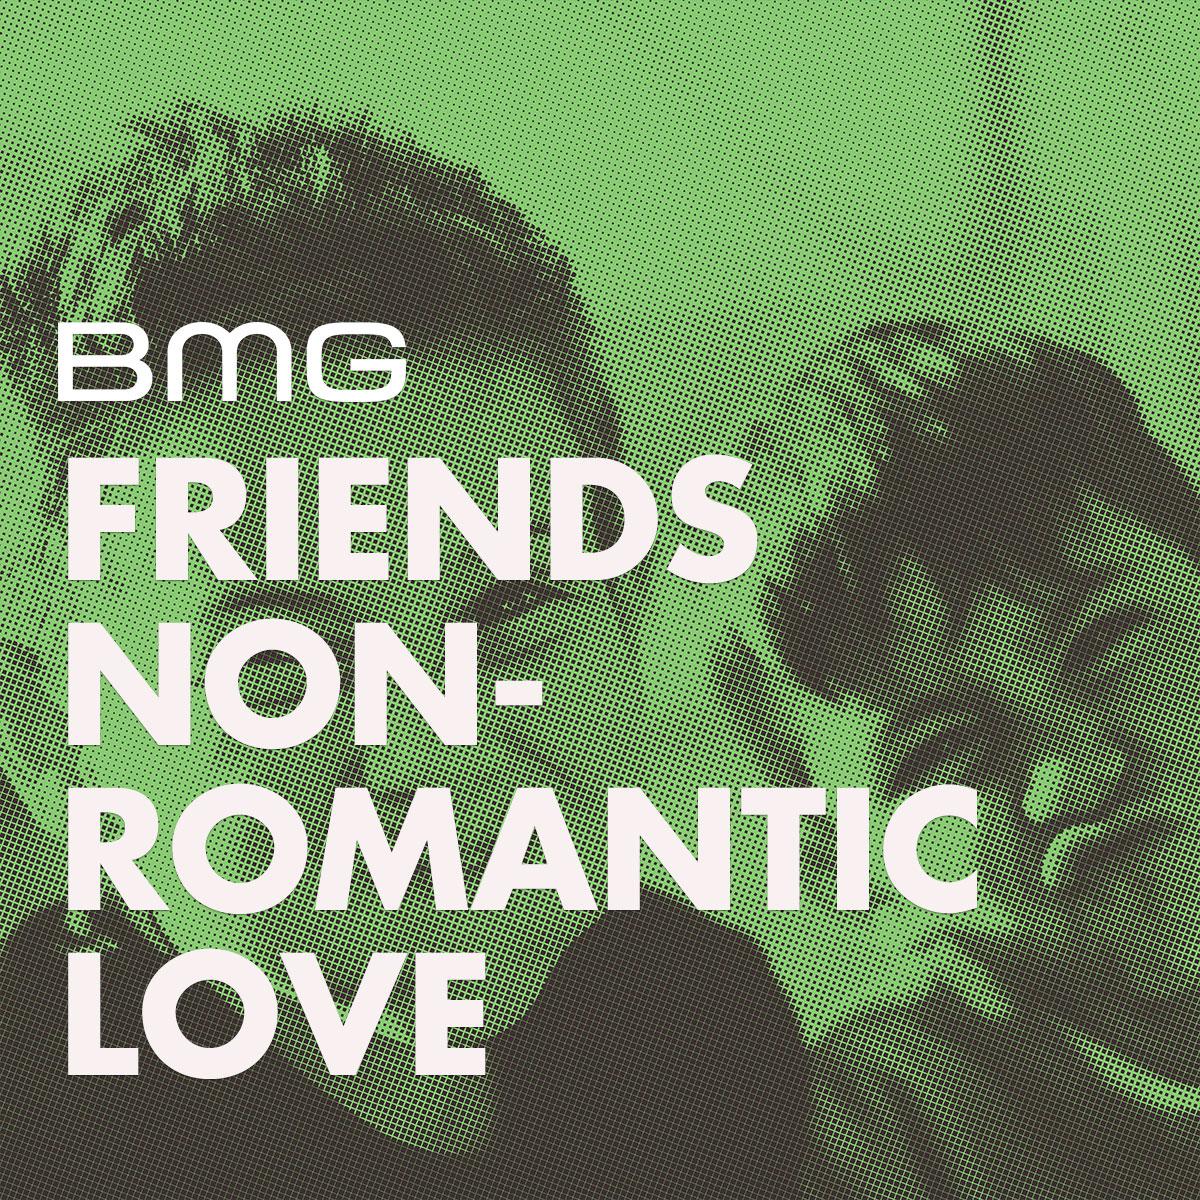 1200-x-1200-Friends-Non-Romantic-Love.jpg